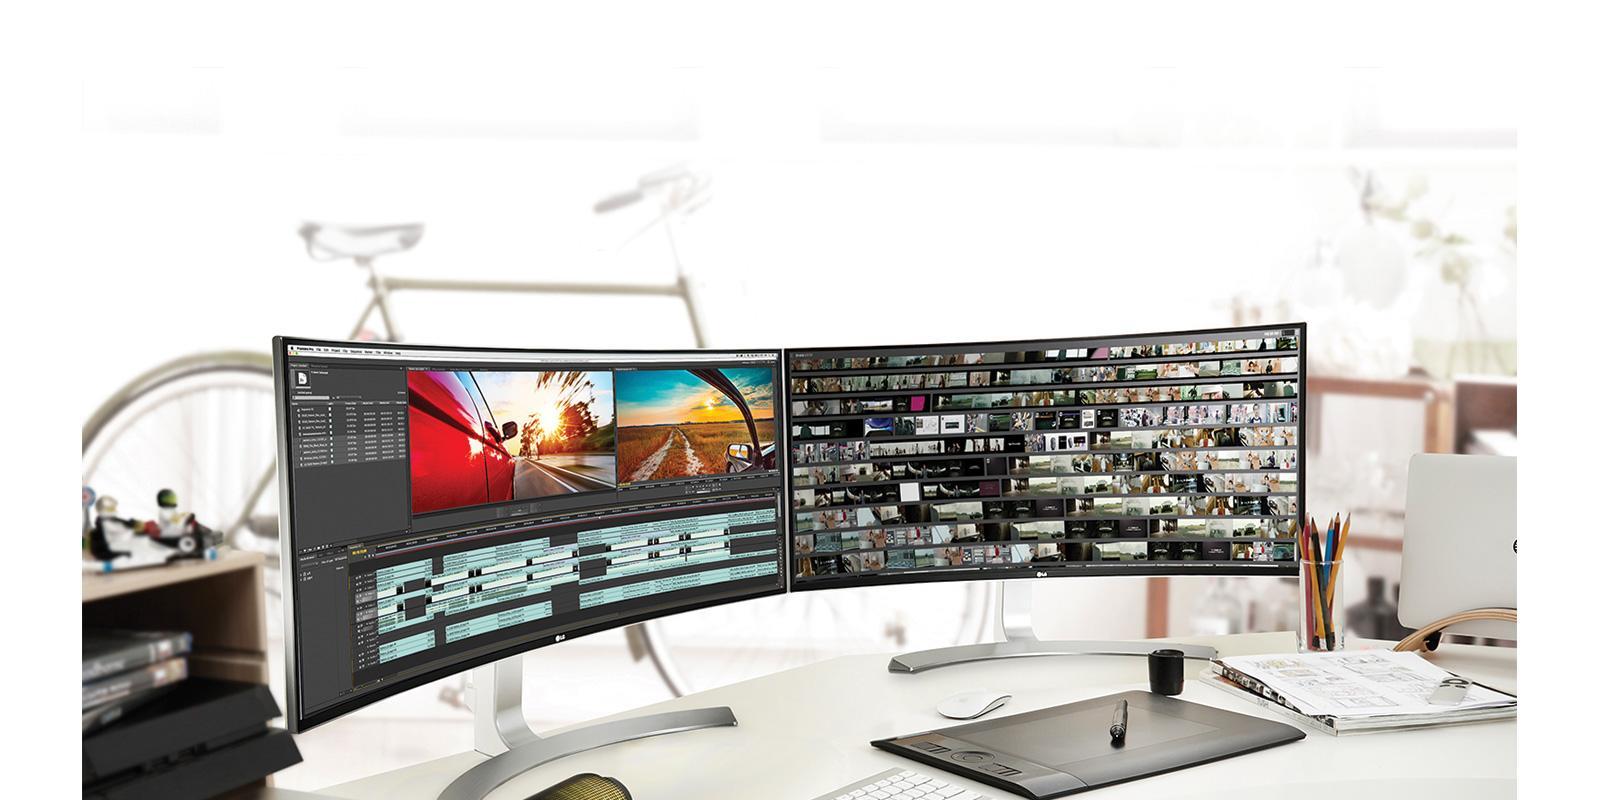 für gtx 1060 wqhd oder full hd monitor